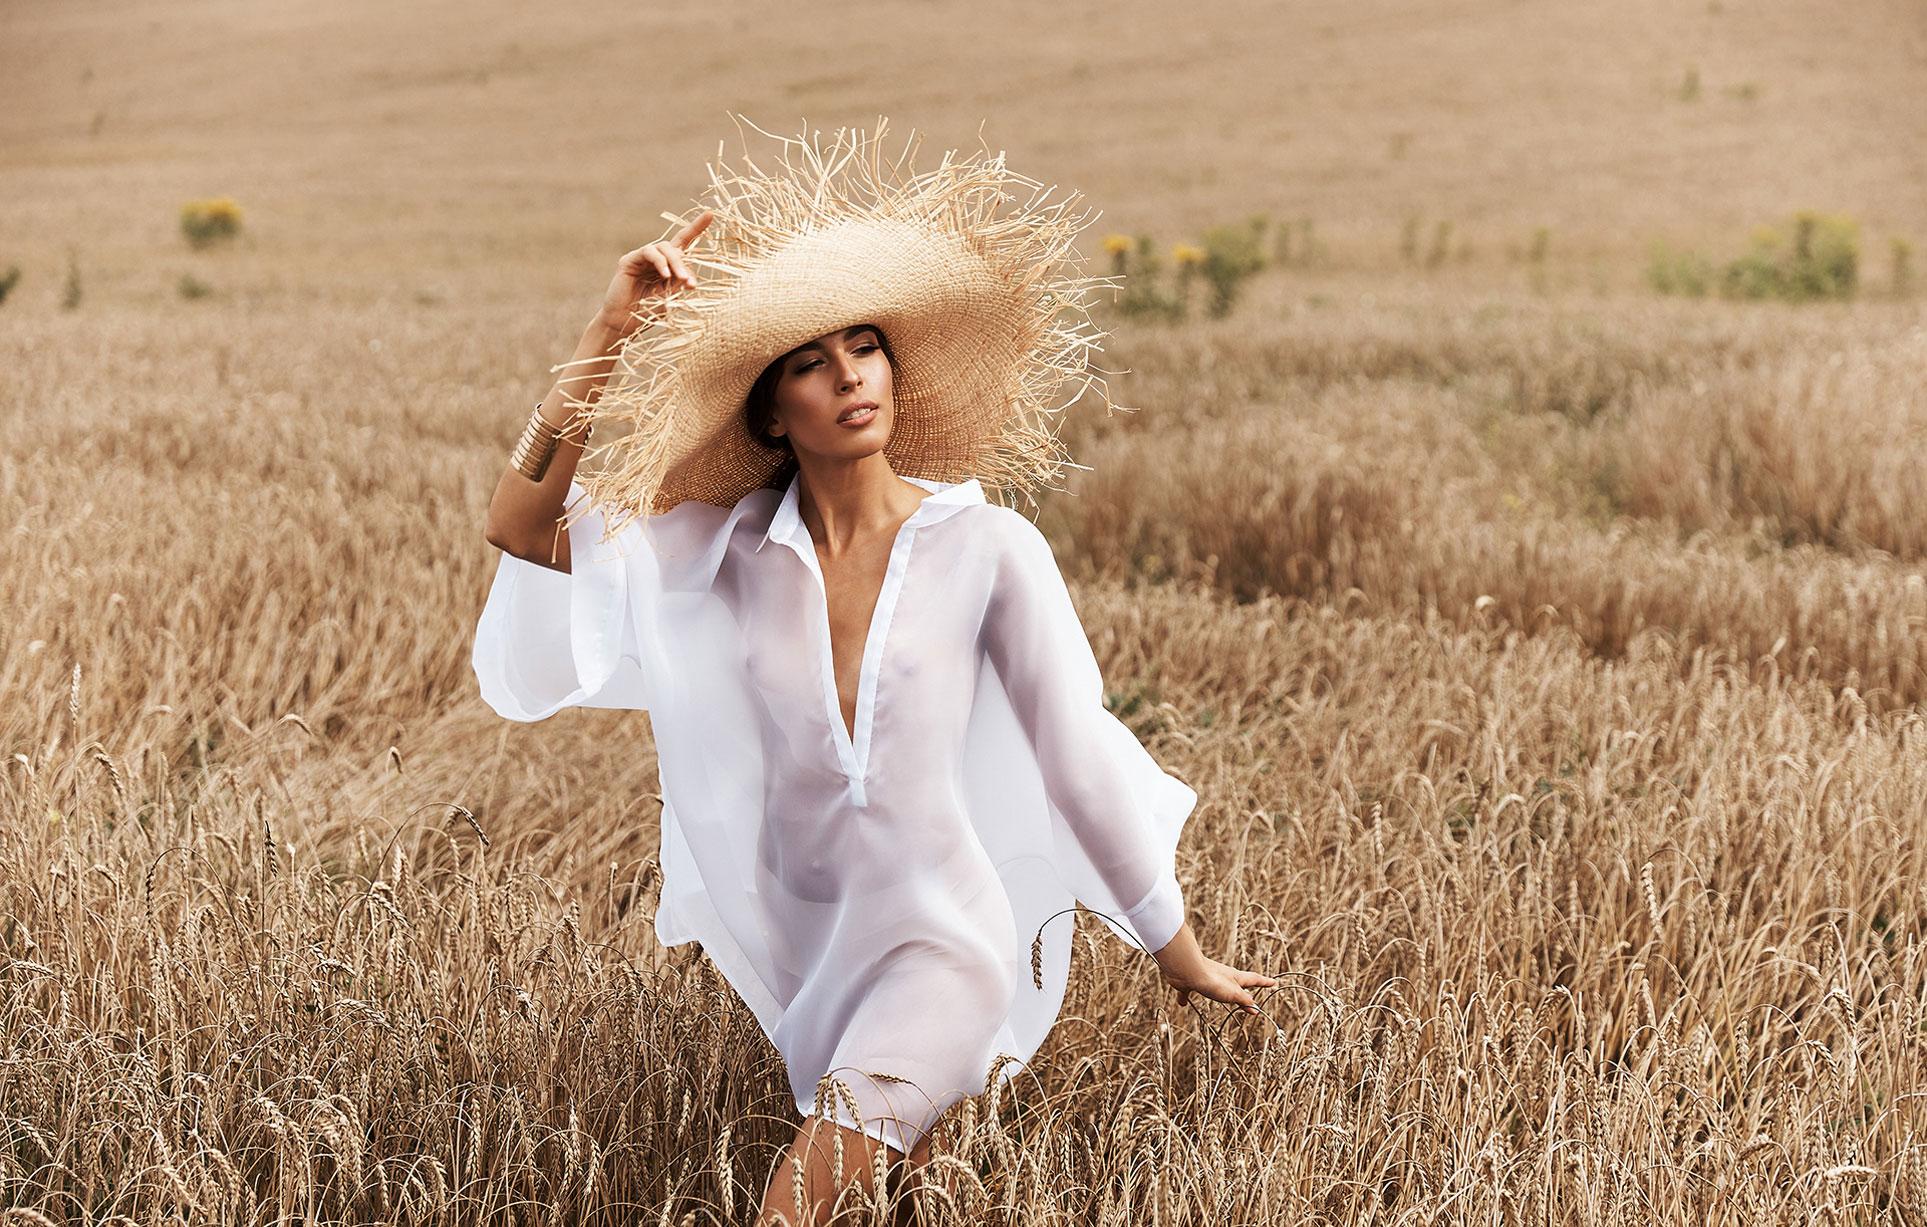 Красивая сексуальная девушка в пшеничном поле / фото 09